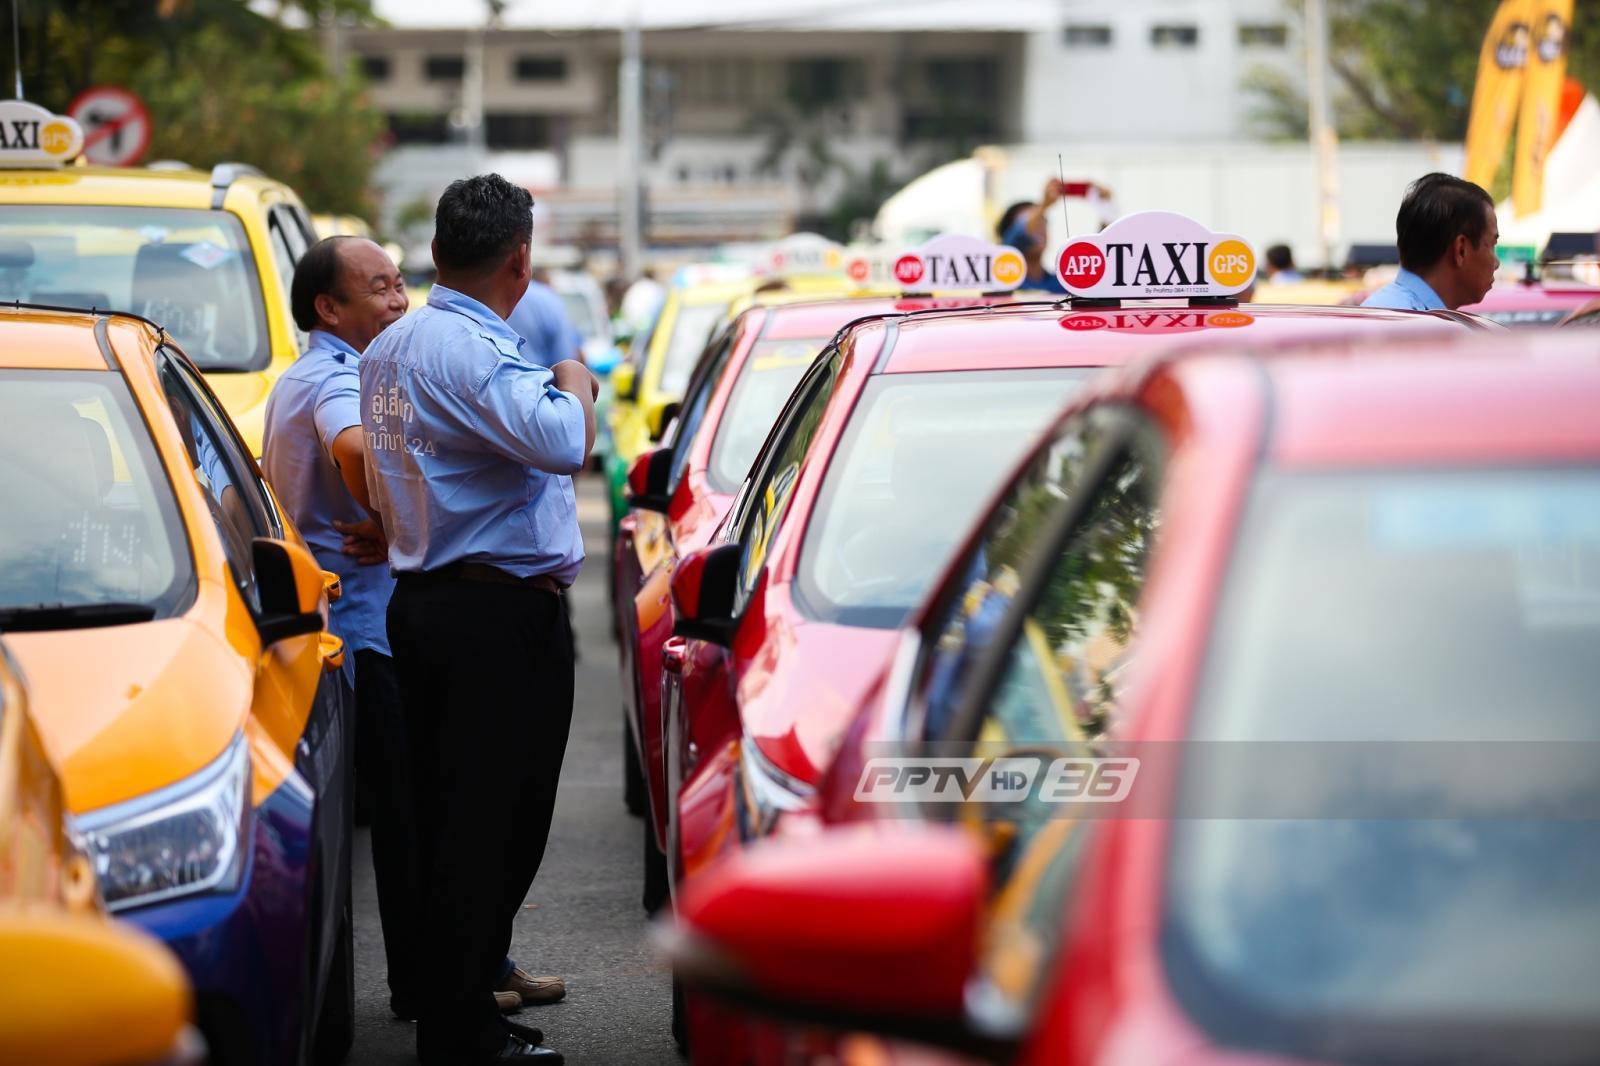 คมนาคม ไฟเขียวปรับขึ้นค่าโดยสารแท็กซี่ รถติดคิดเพิ่มนาทีละ 3 บาท!